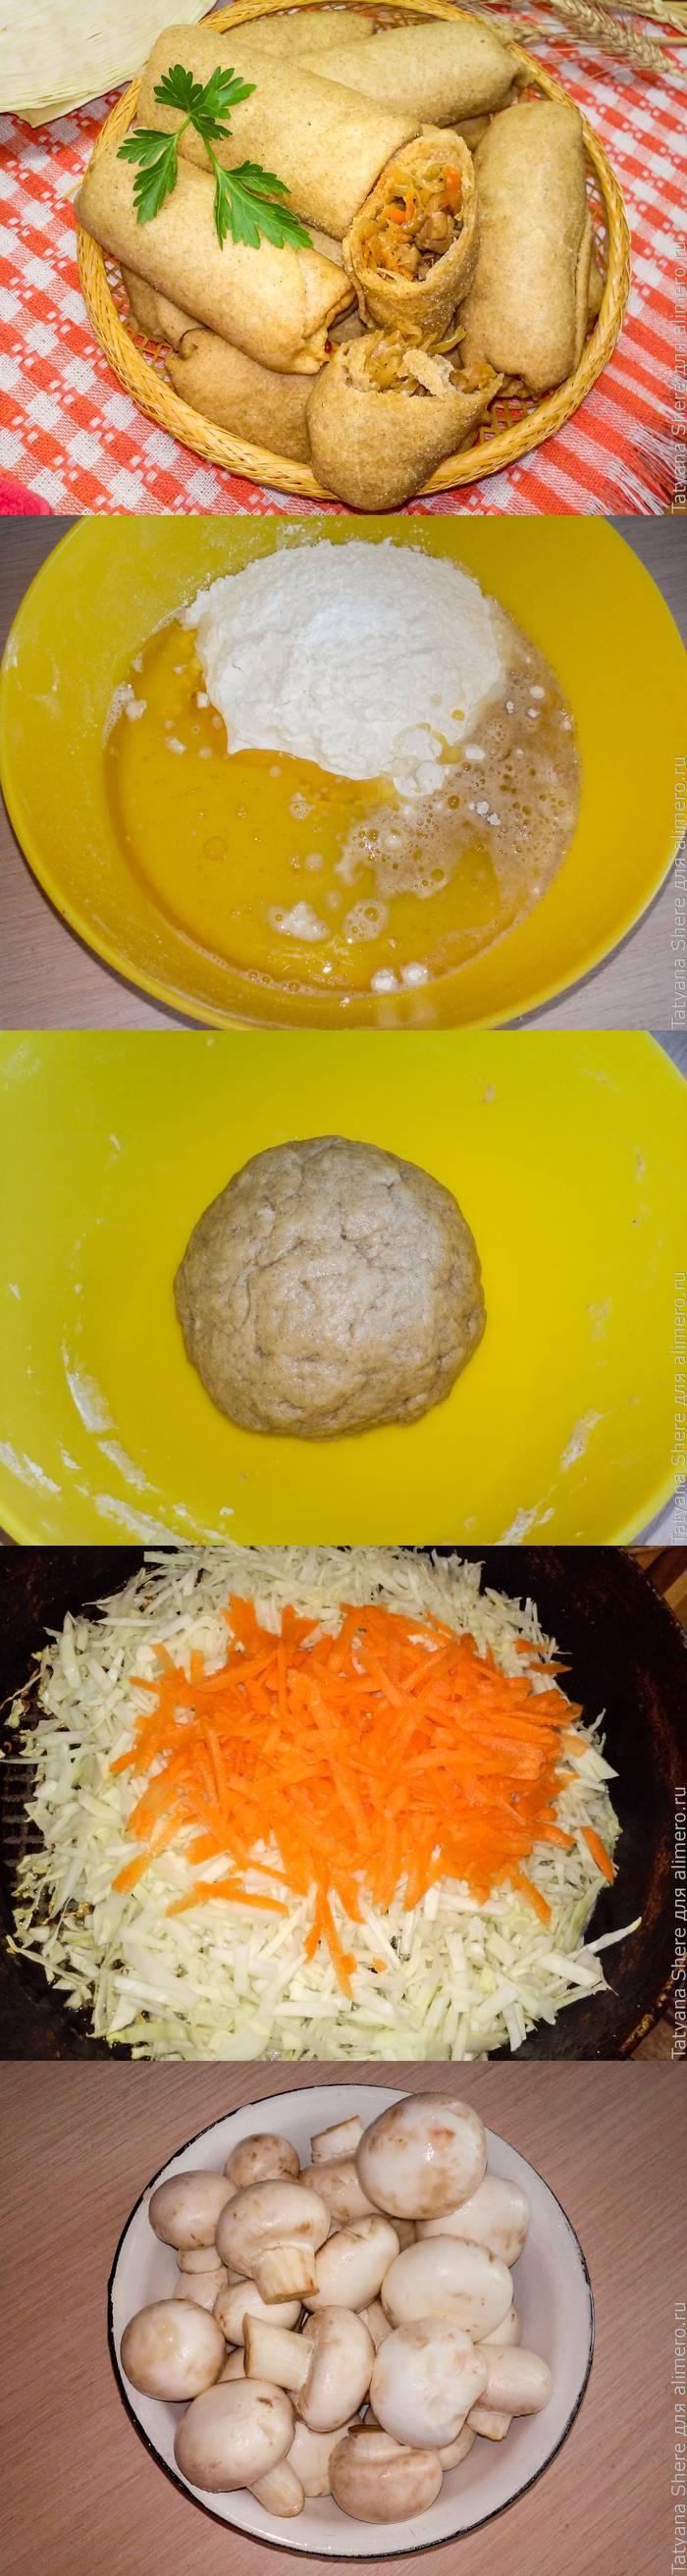 Самый удачный рецепт веганских ржаных пирожков с капустой и грибами